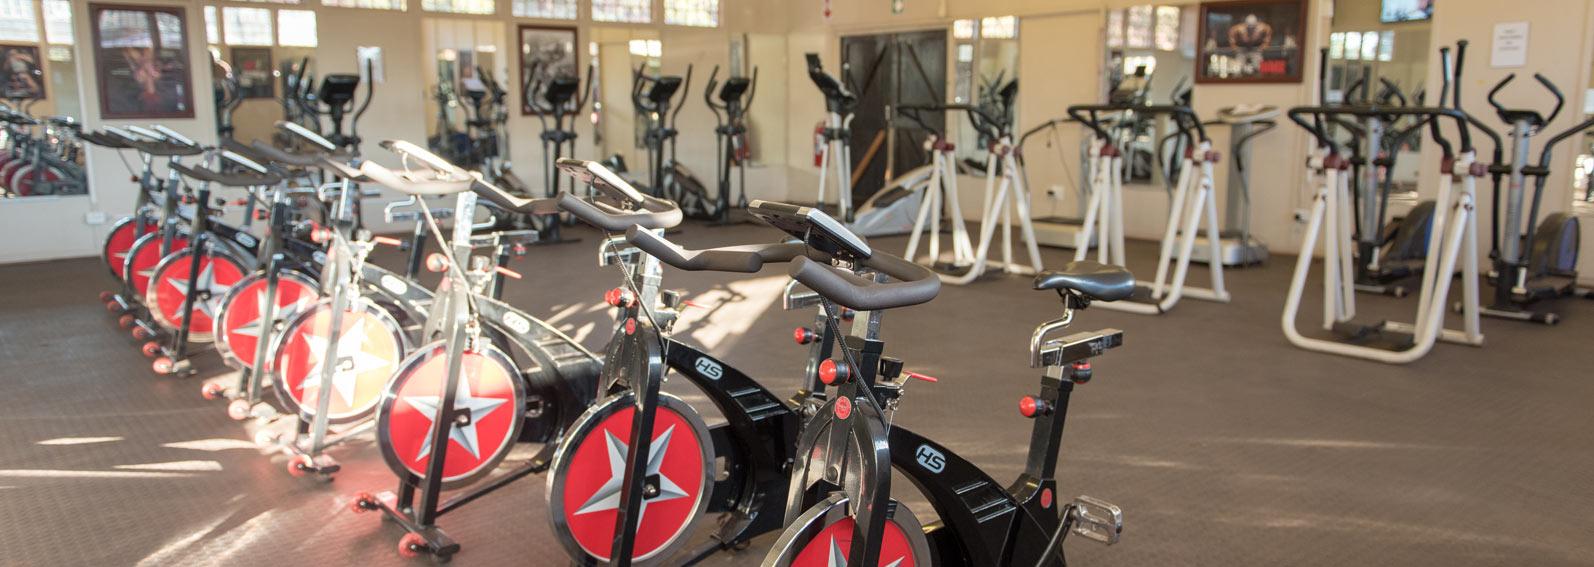 Iron Master Gym